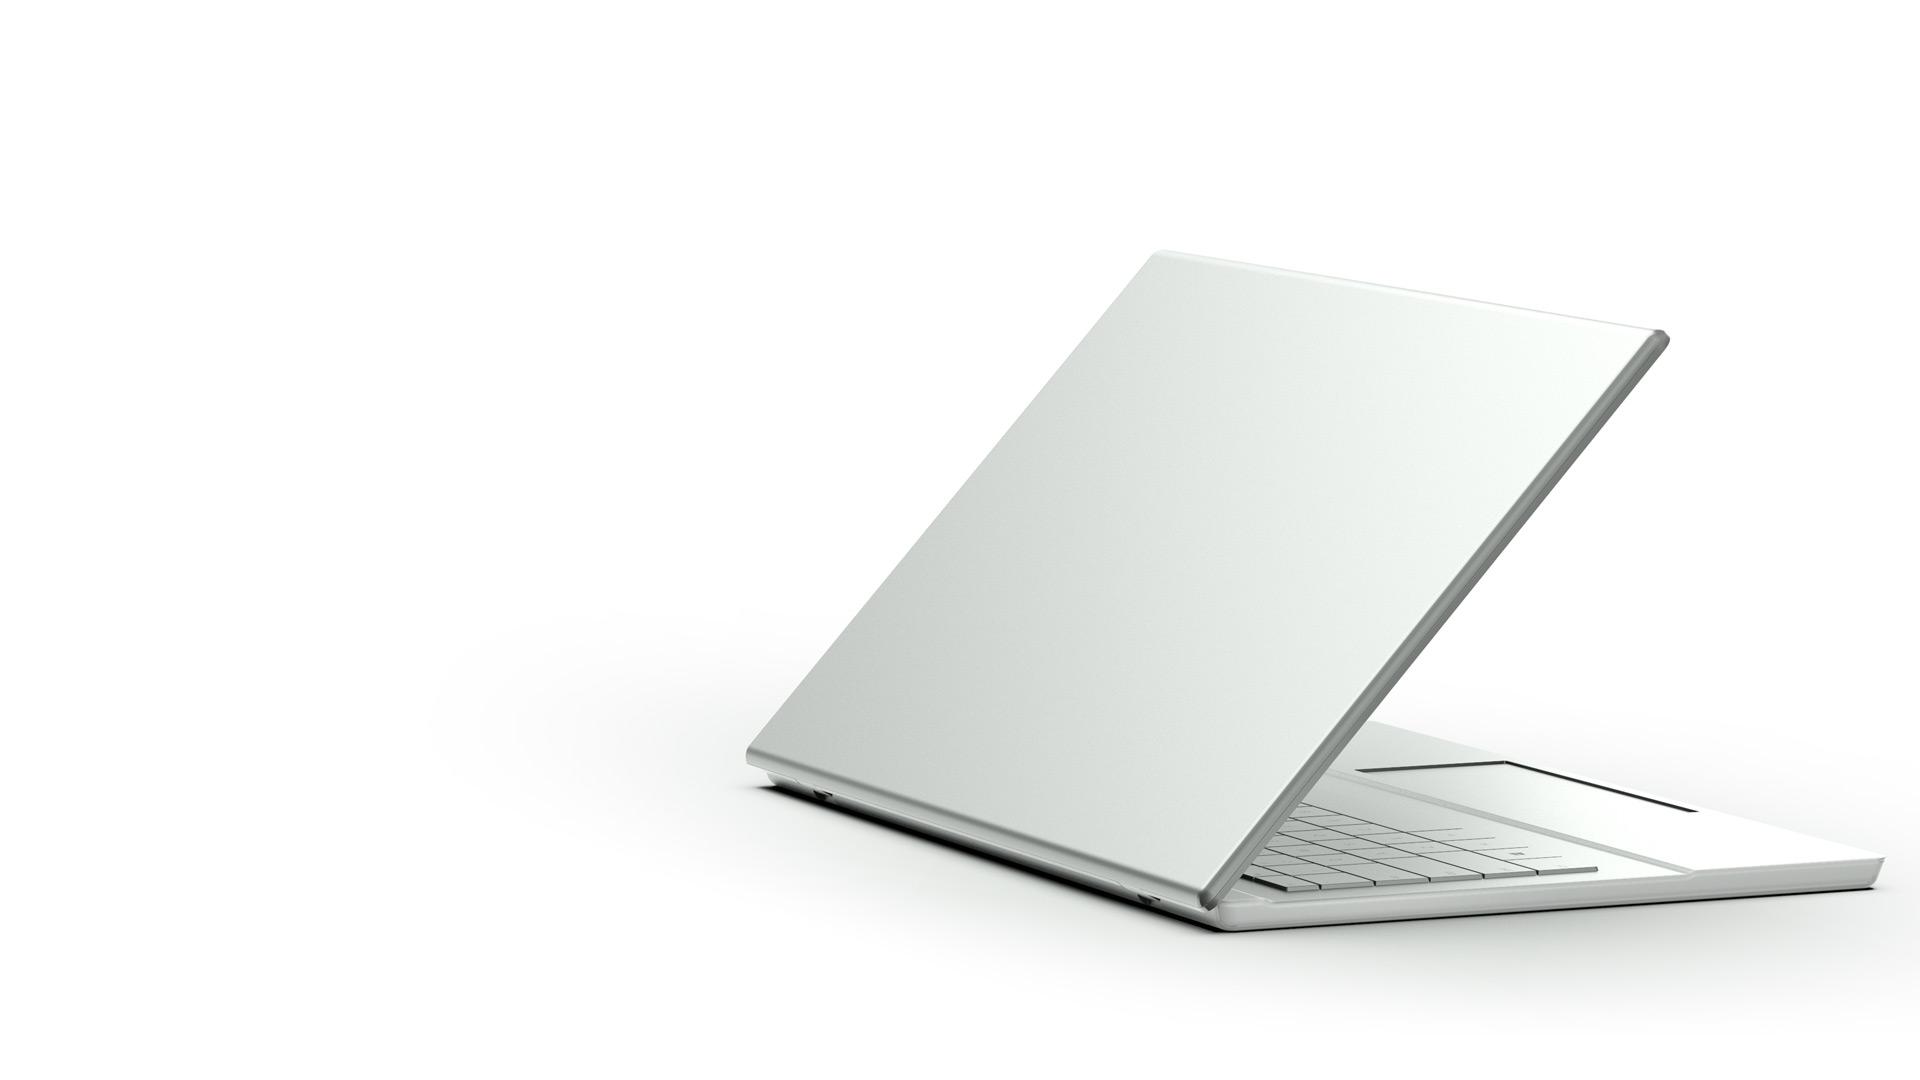 De achterkant van een geopende Windows 10-laptop